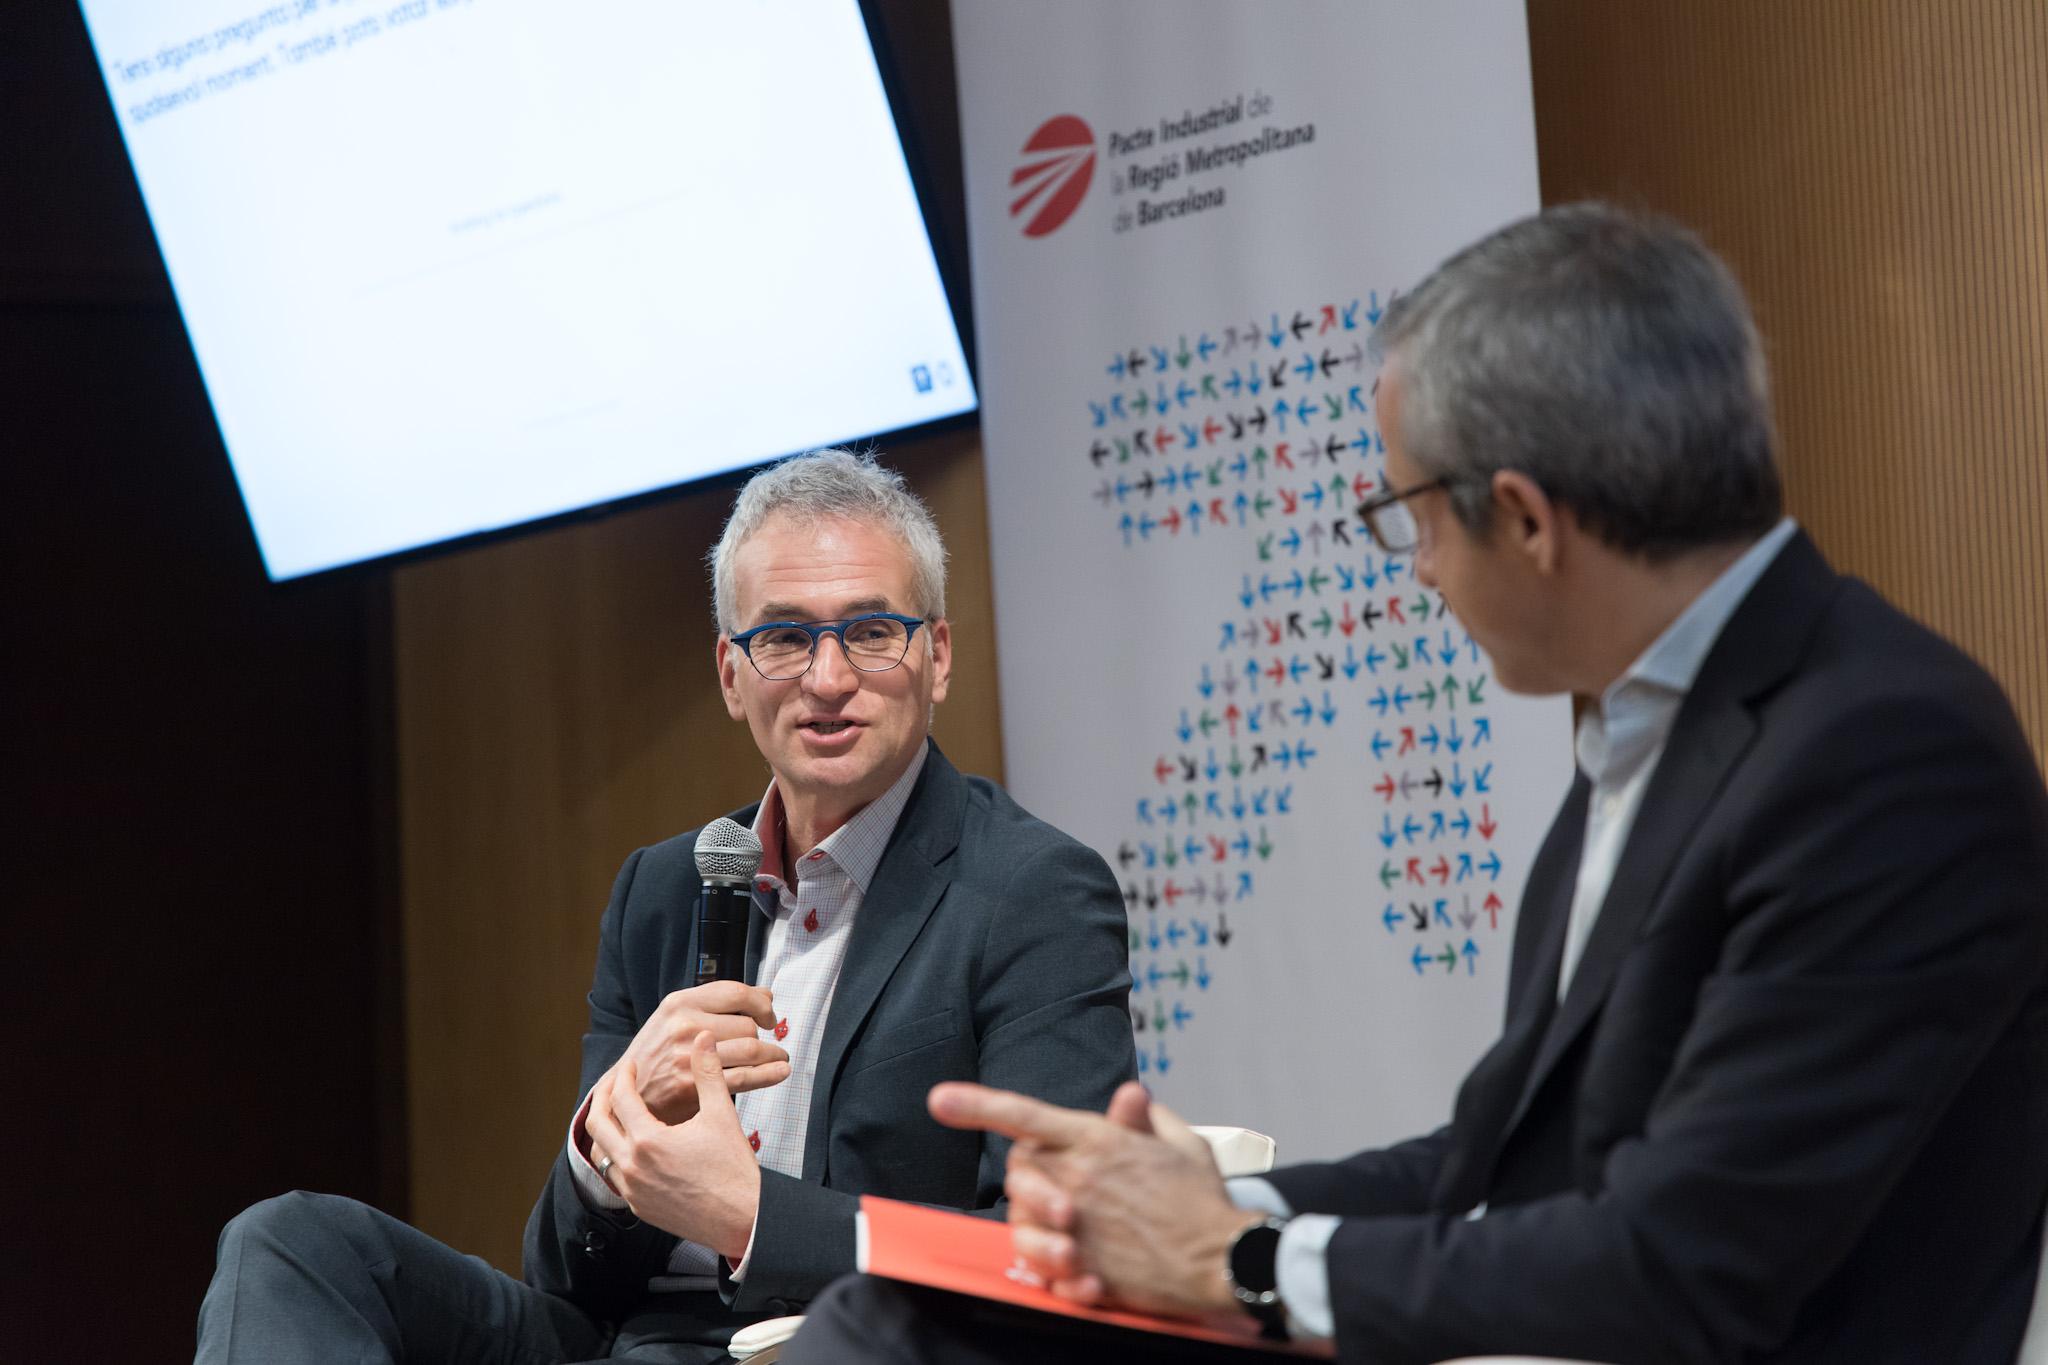 Dror Etzion, profesor de Sostenibilidad y Estrategia en la McGill University (Canadá), durante su intervención en el ciclo #2030circular (23-01-2020)